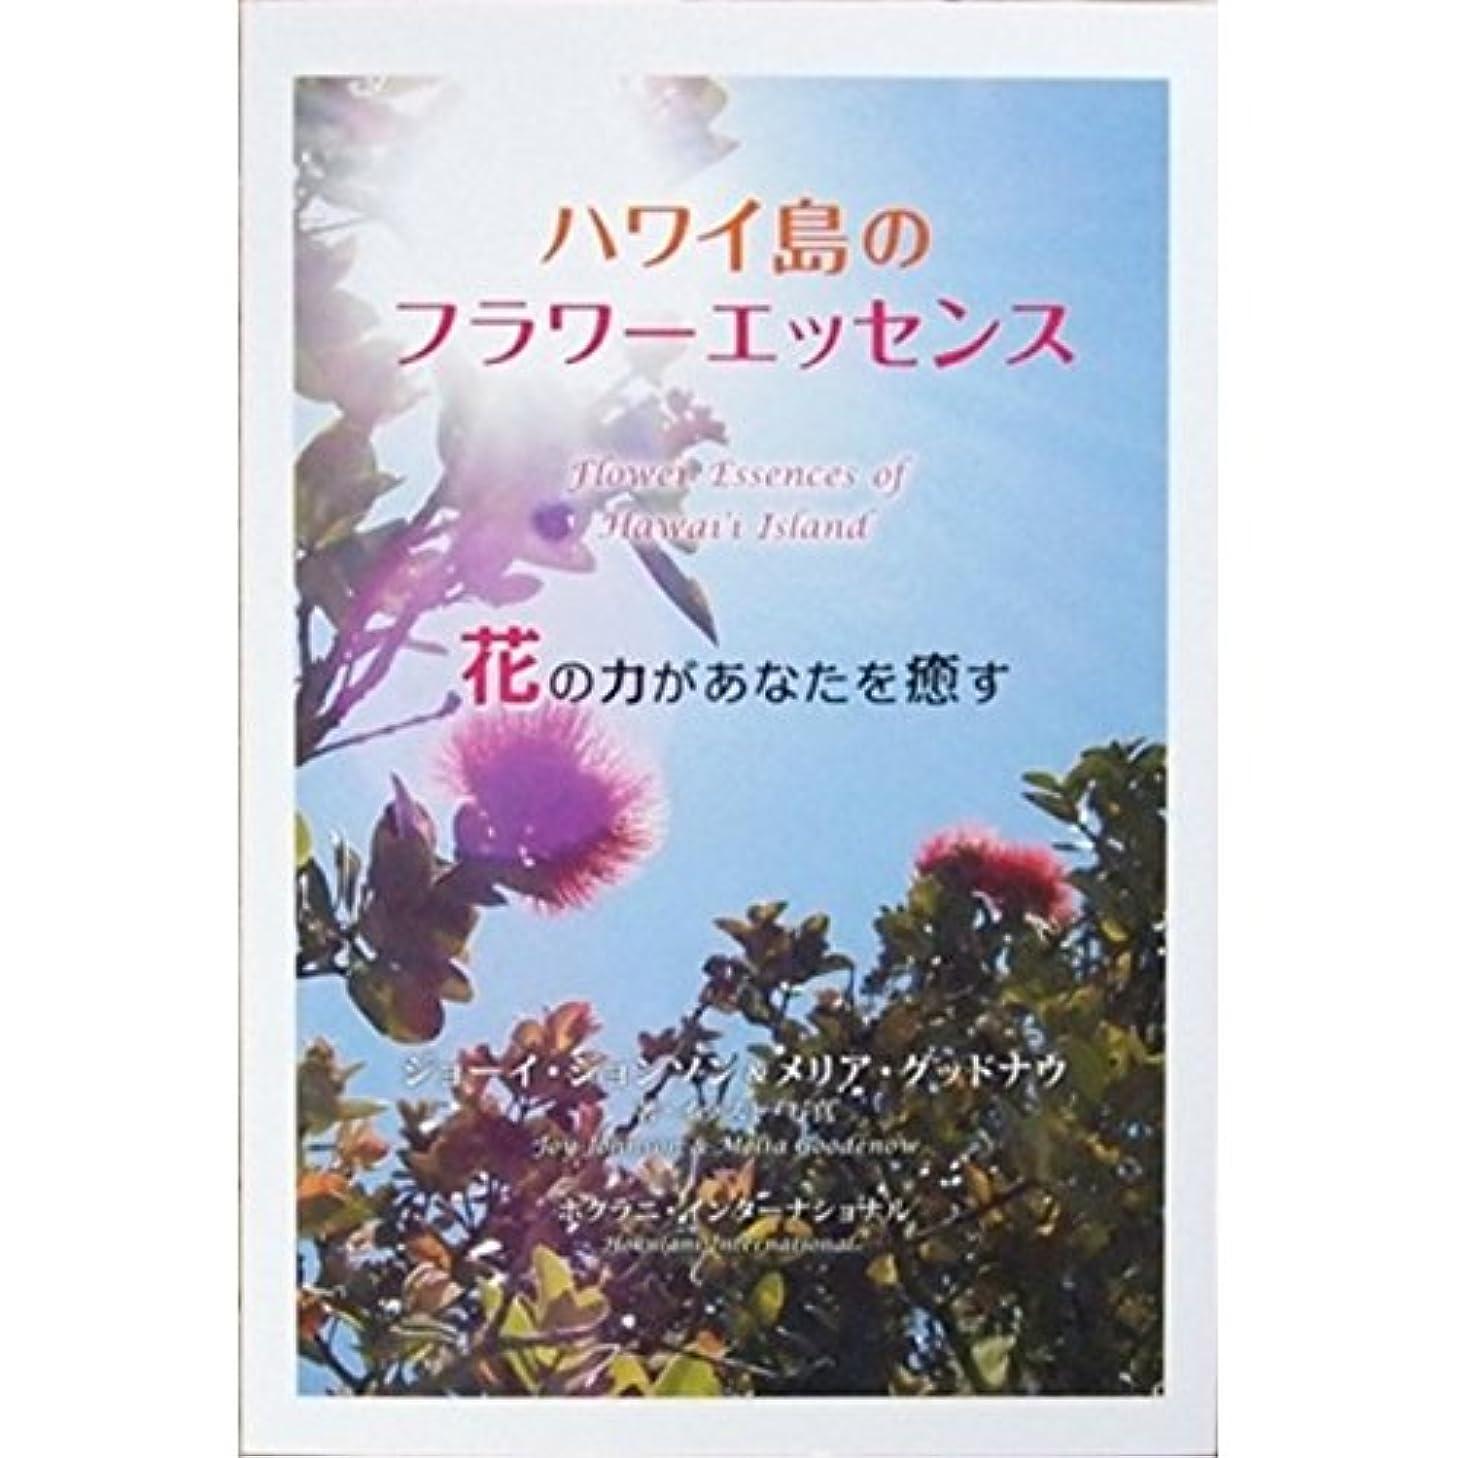 マウスピース悪性腫瘍ベーリング海峡ハワイアン レインフォレスト ナチュラルズ 書籍『ハワイ島のフラワーエッセンス 花の力があなたを癒す』